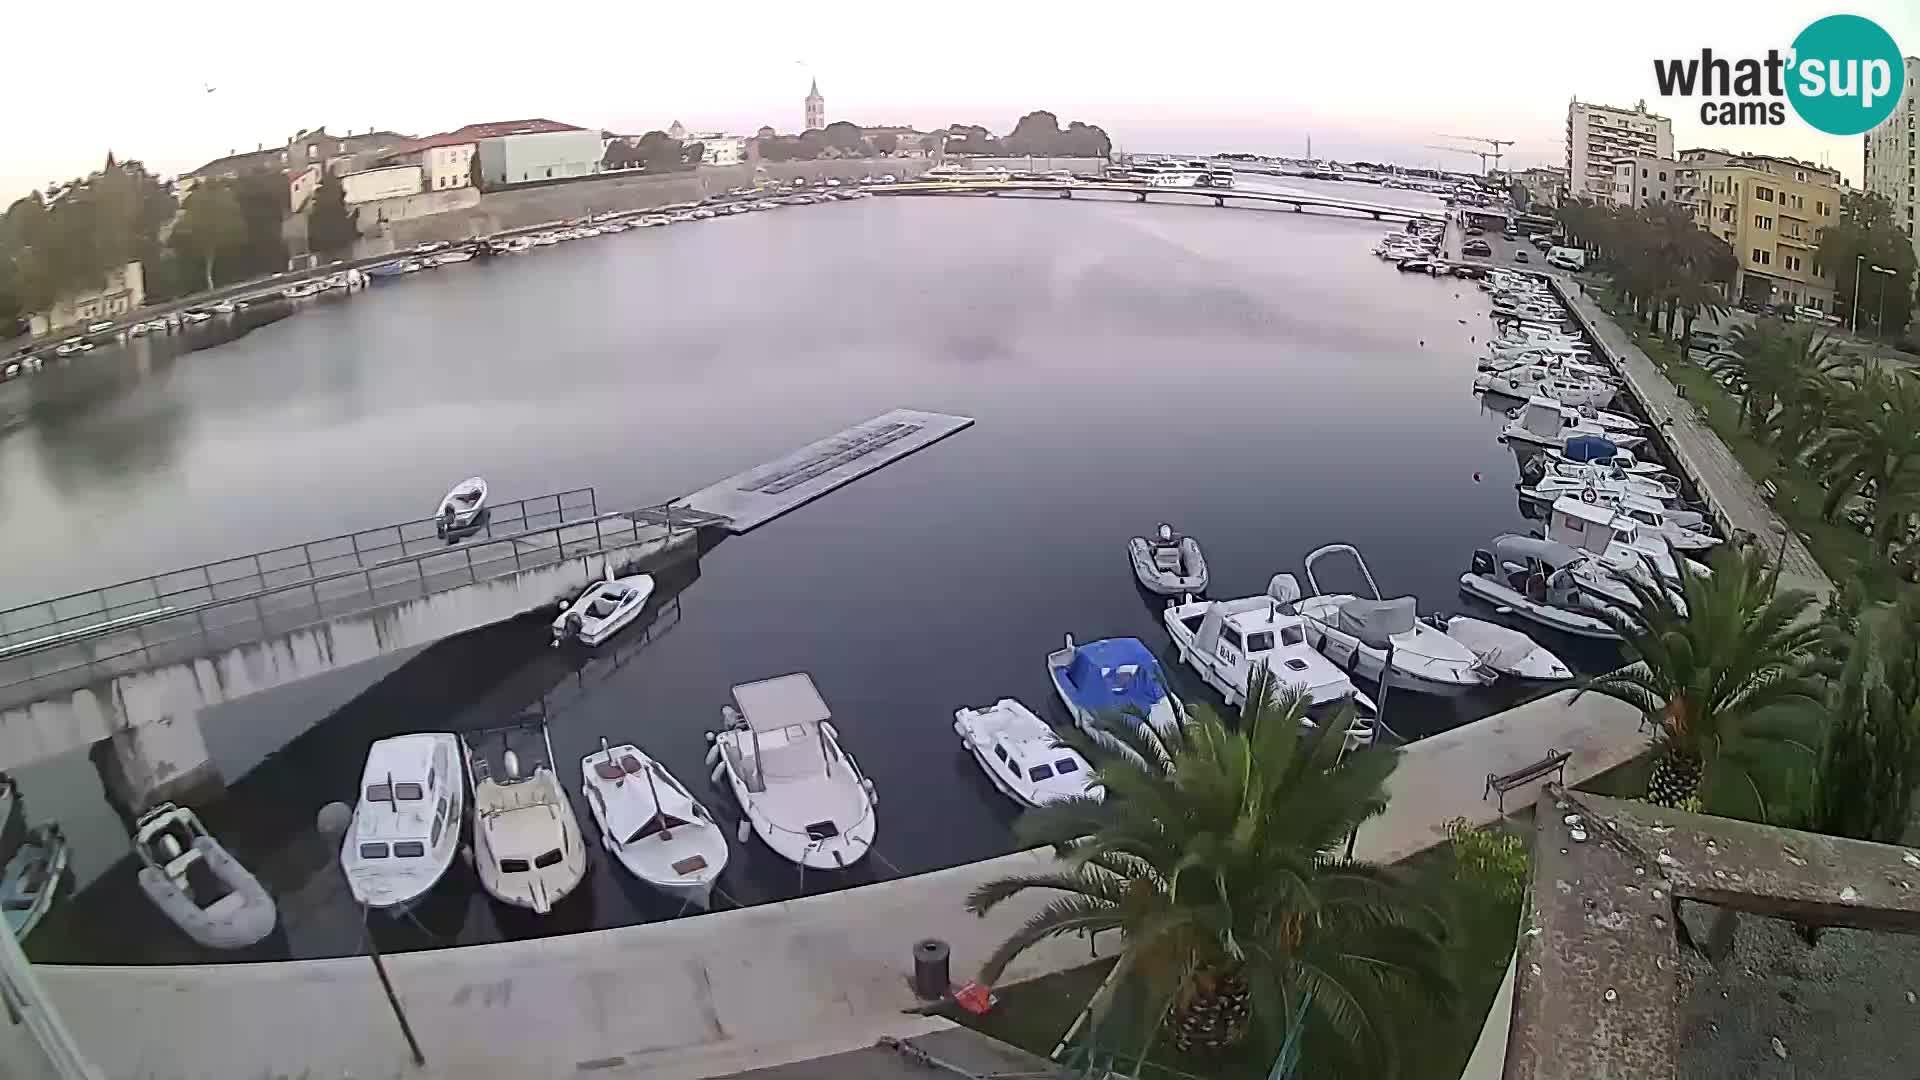 Zadar Di. 05:55